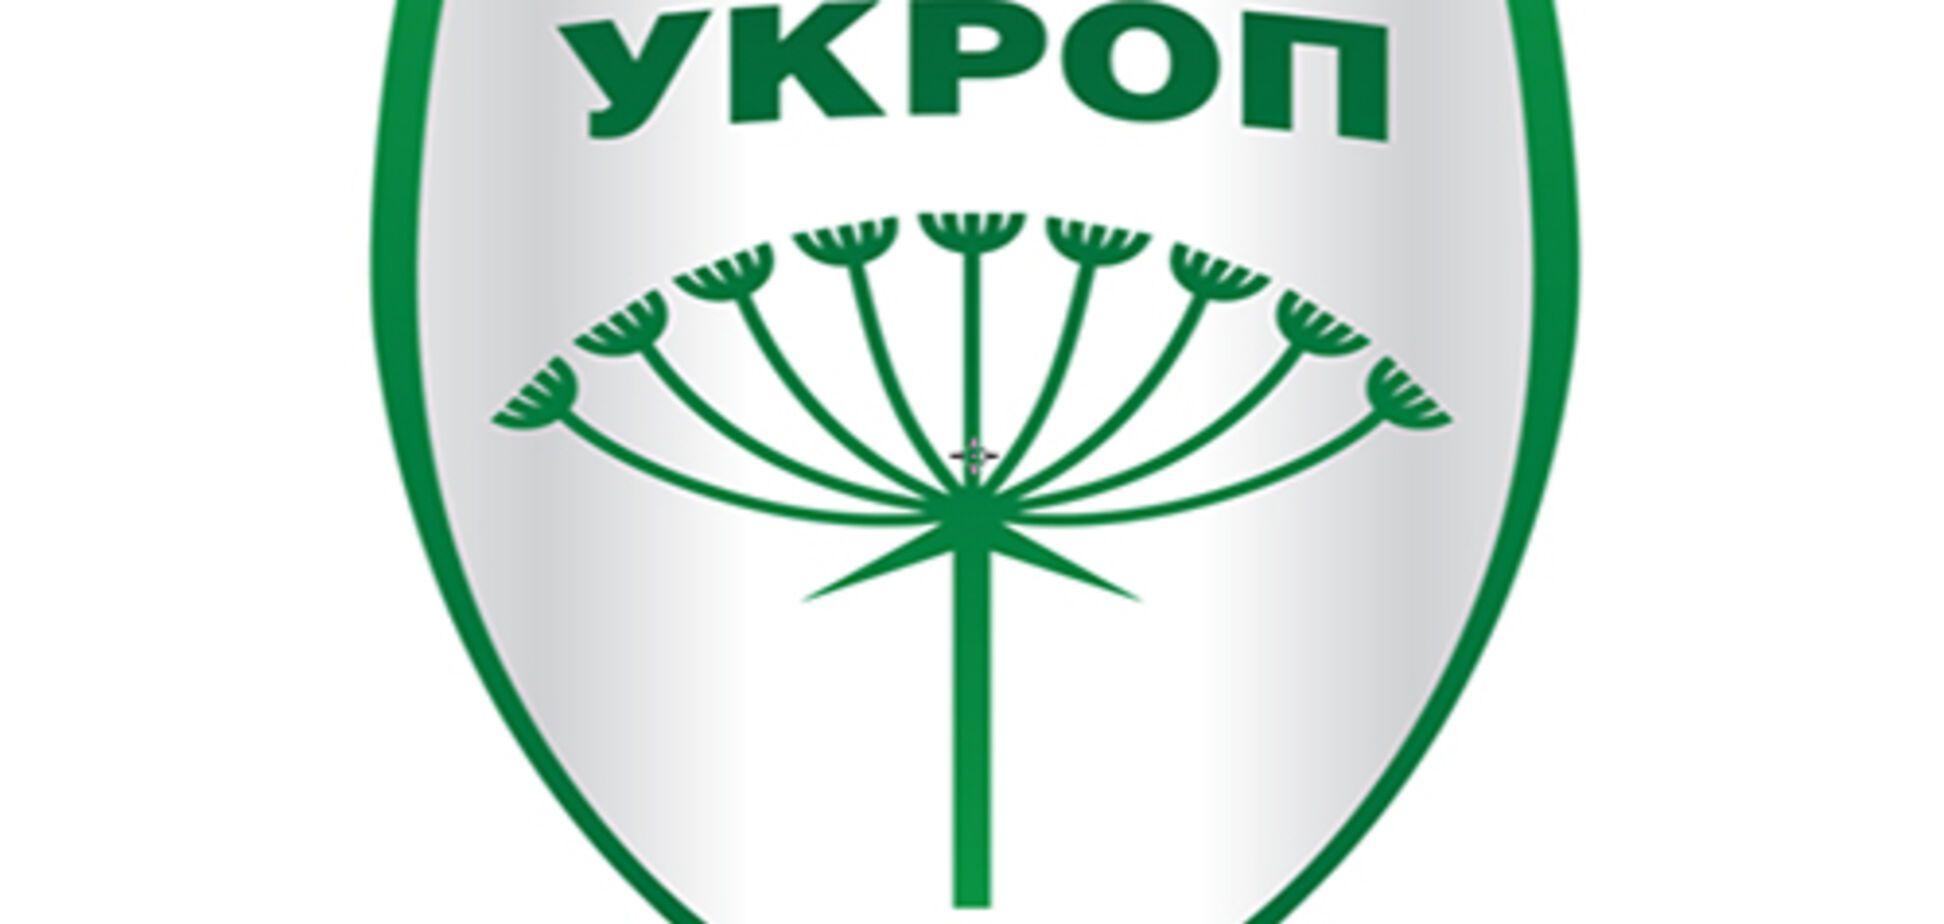 В НАЗК сообщили о конфискации 469 тысяч гривен у партии УКРОП